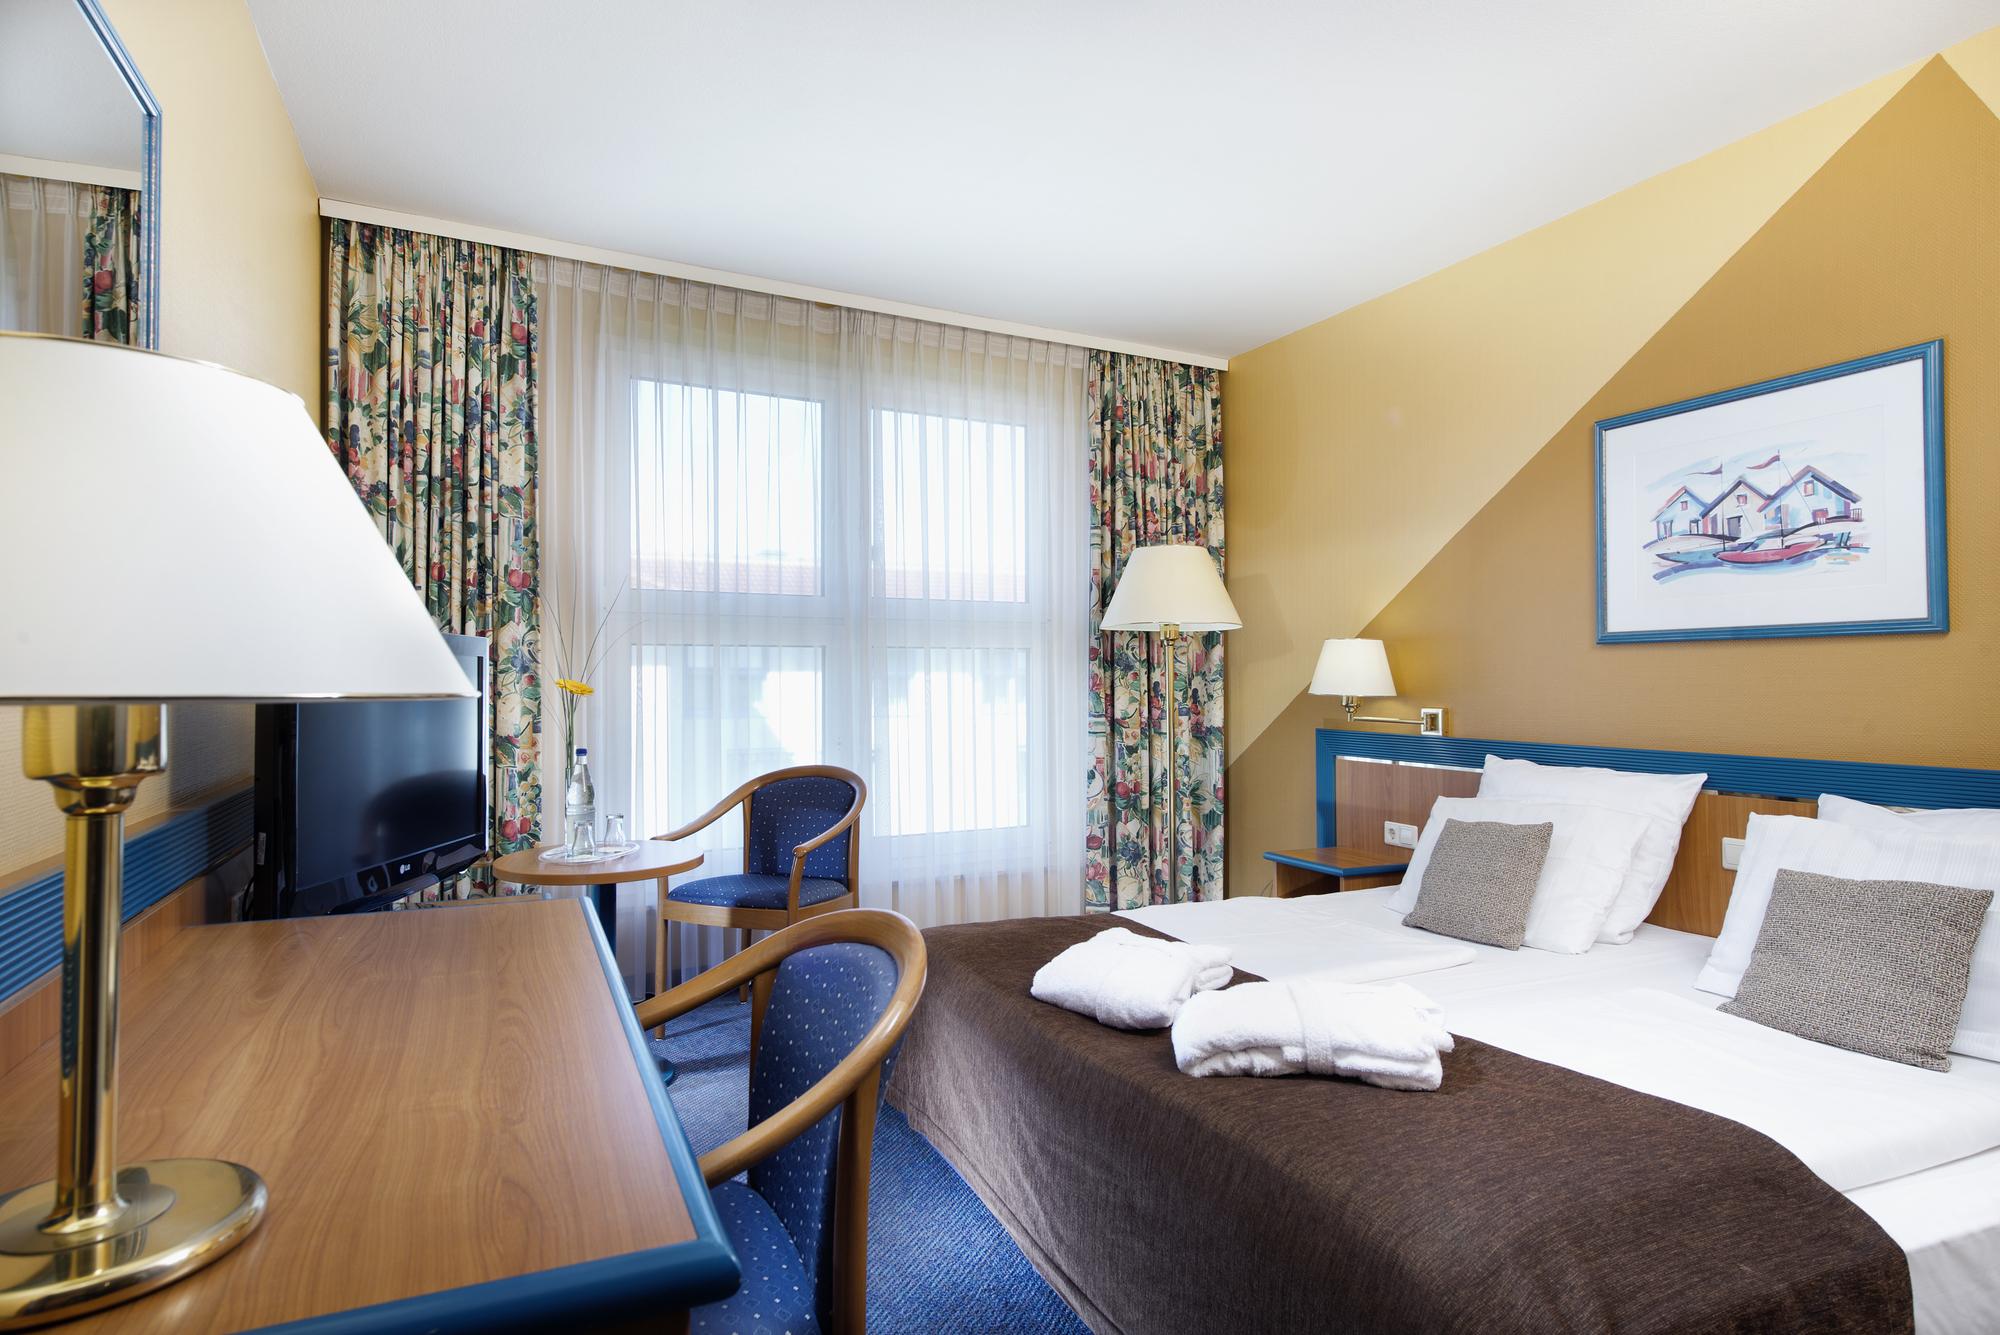 Wyndham Garden Wismar Doppelzimmer © GCH Hotel Group